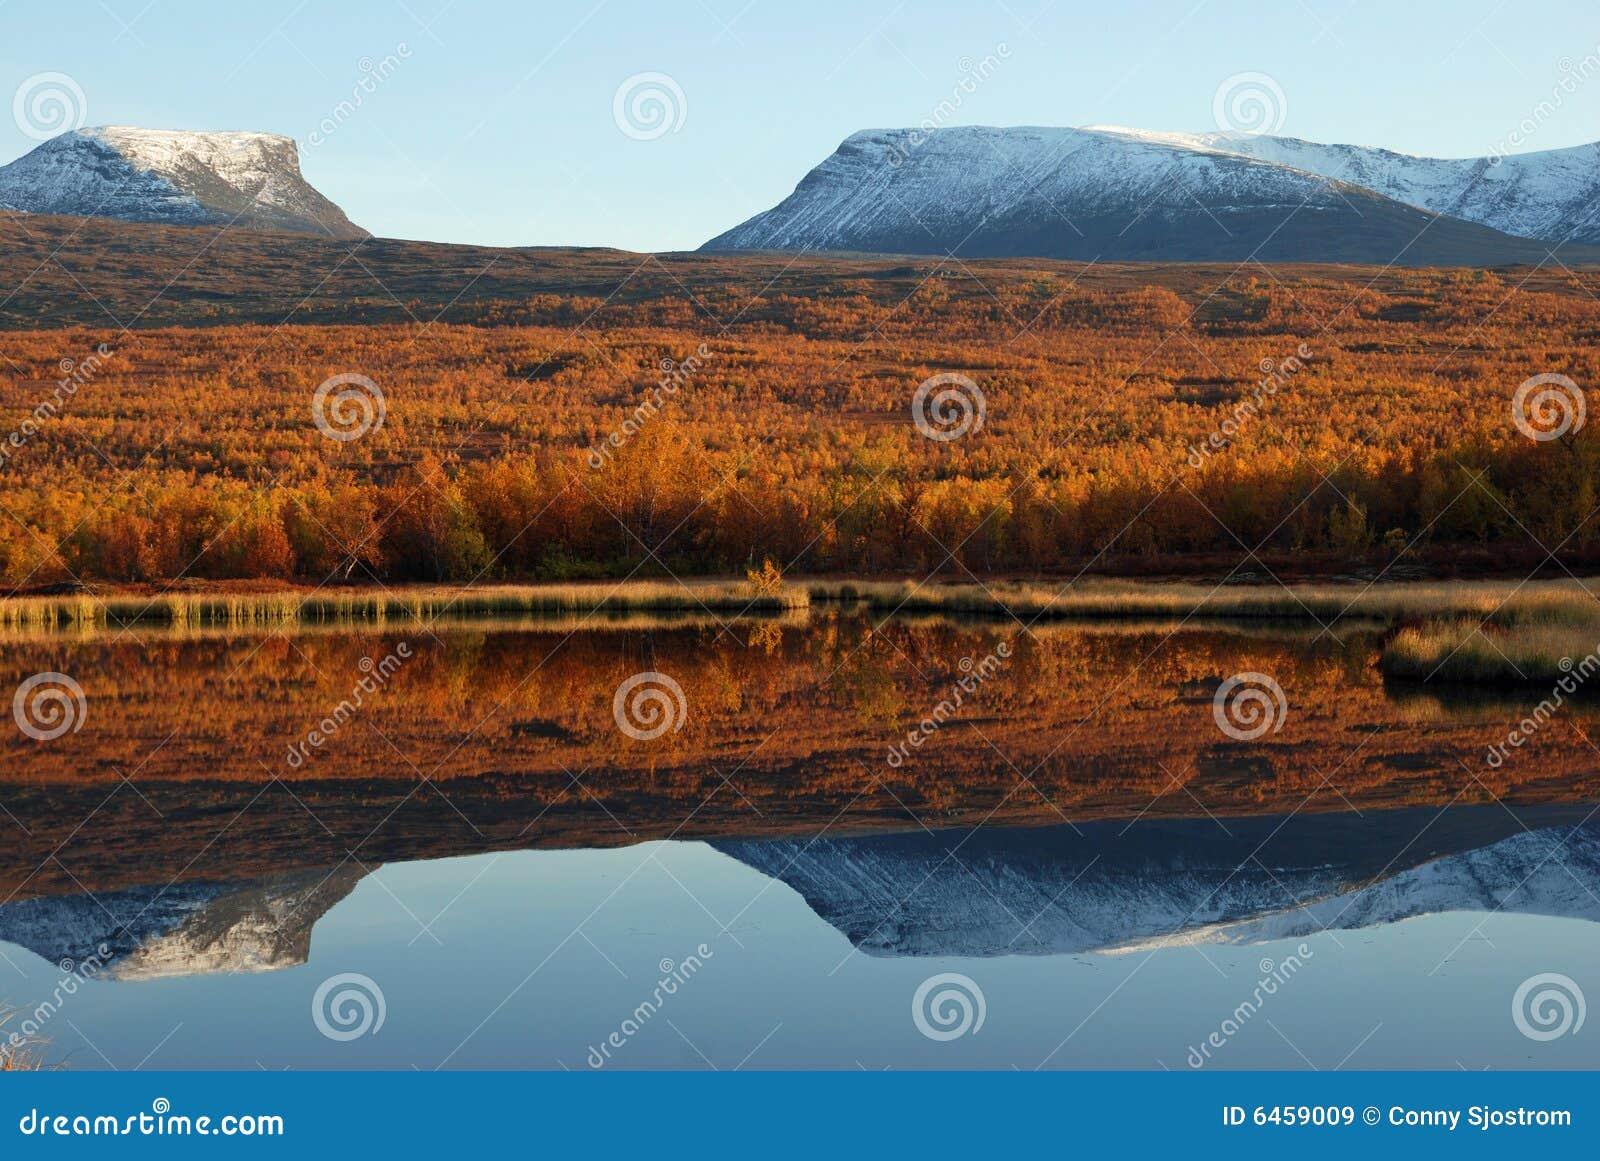 Jesienią otoczenia jeziora.